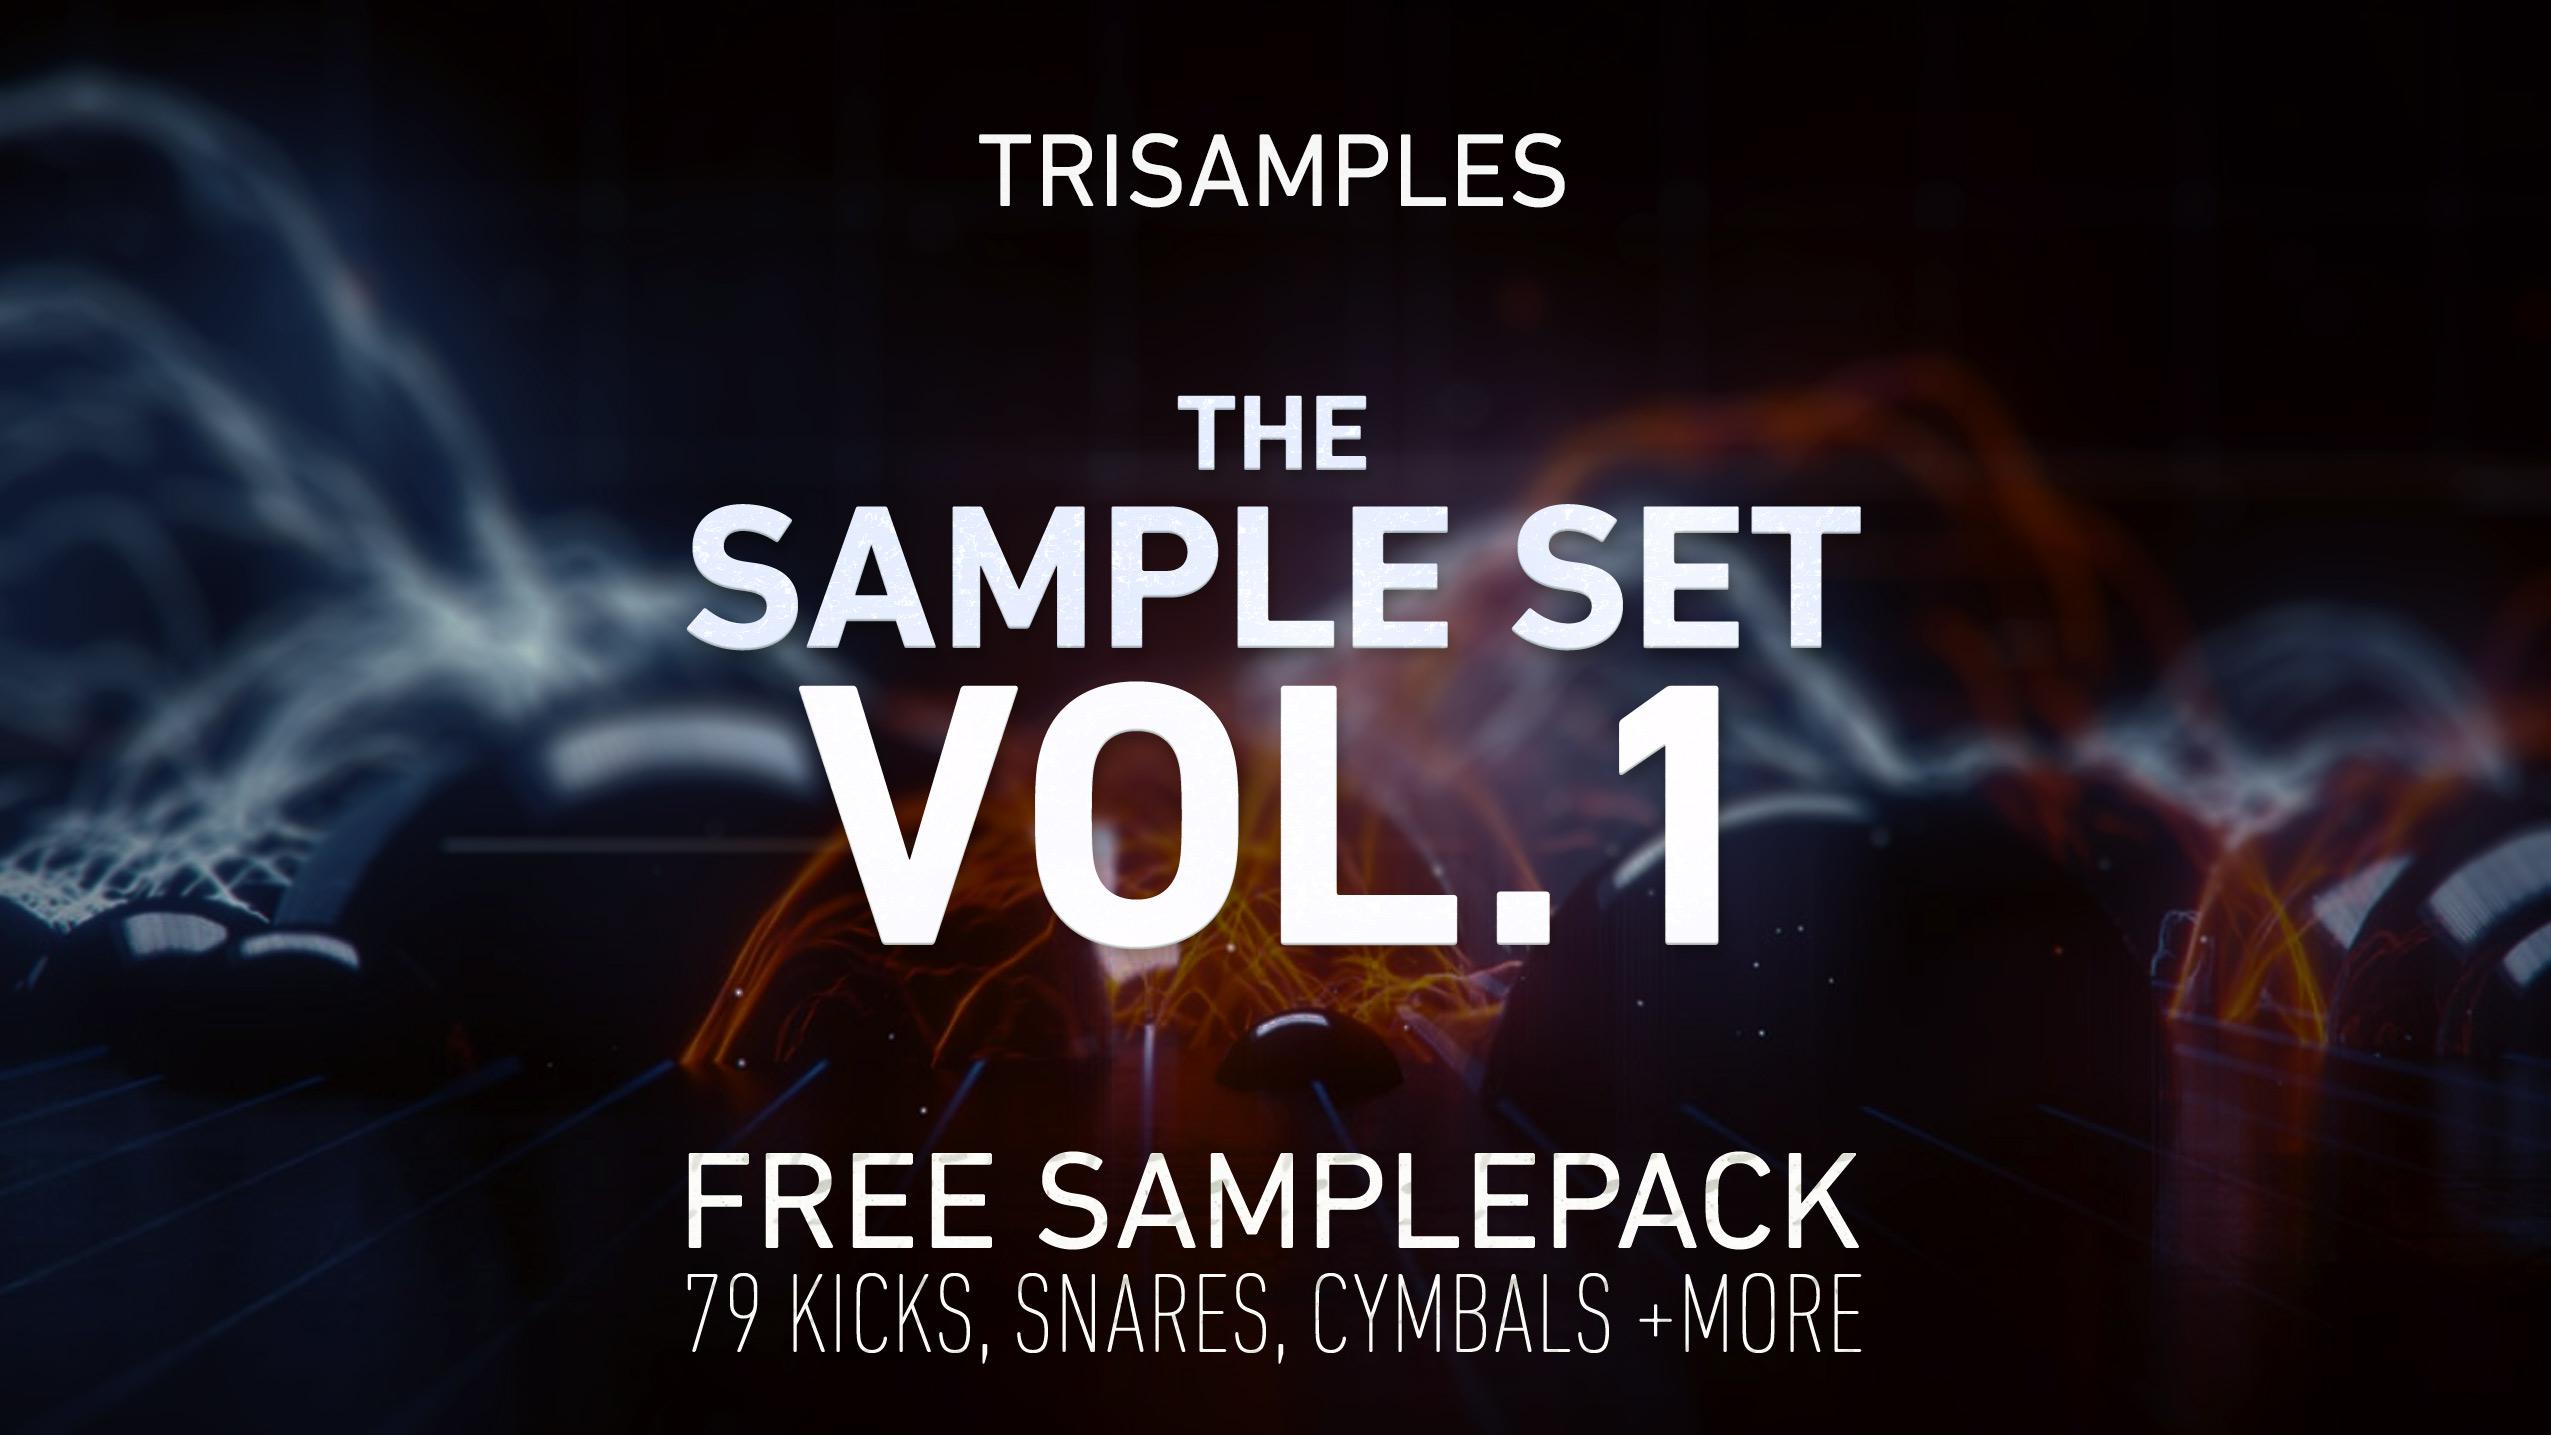 TriSamples---The-Sample-Set-Vol-1-Artwork